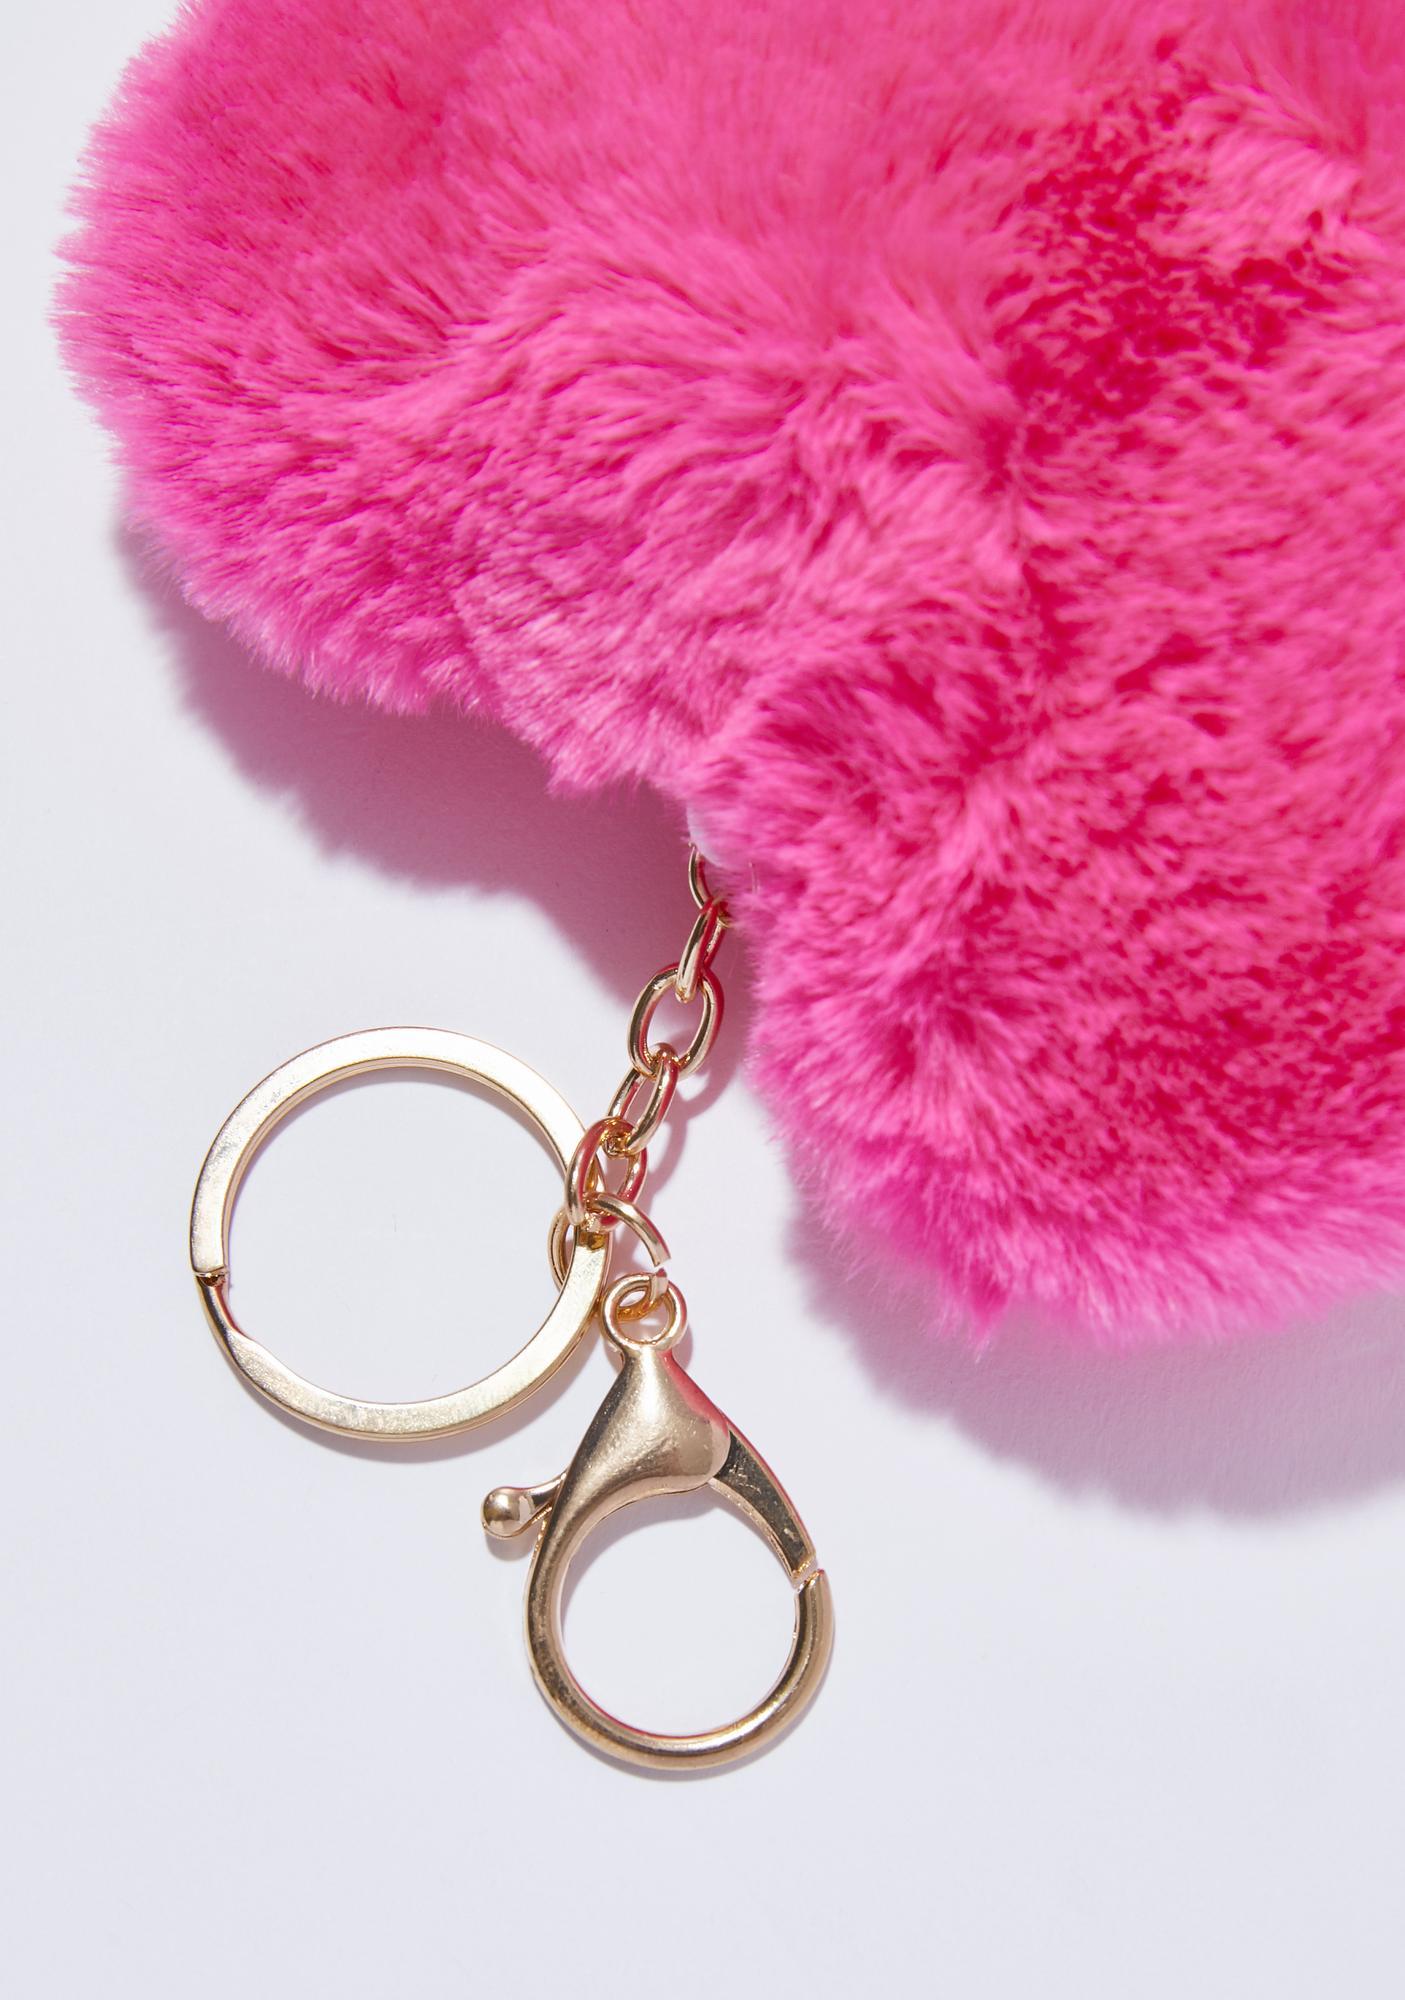 Fuzzy Heart Keychain